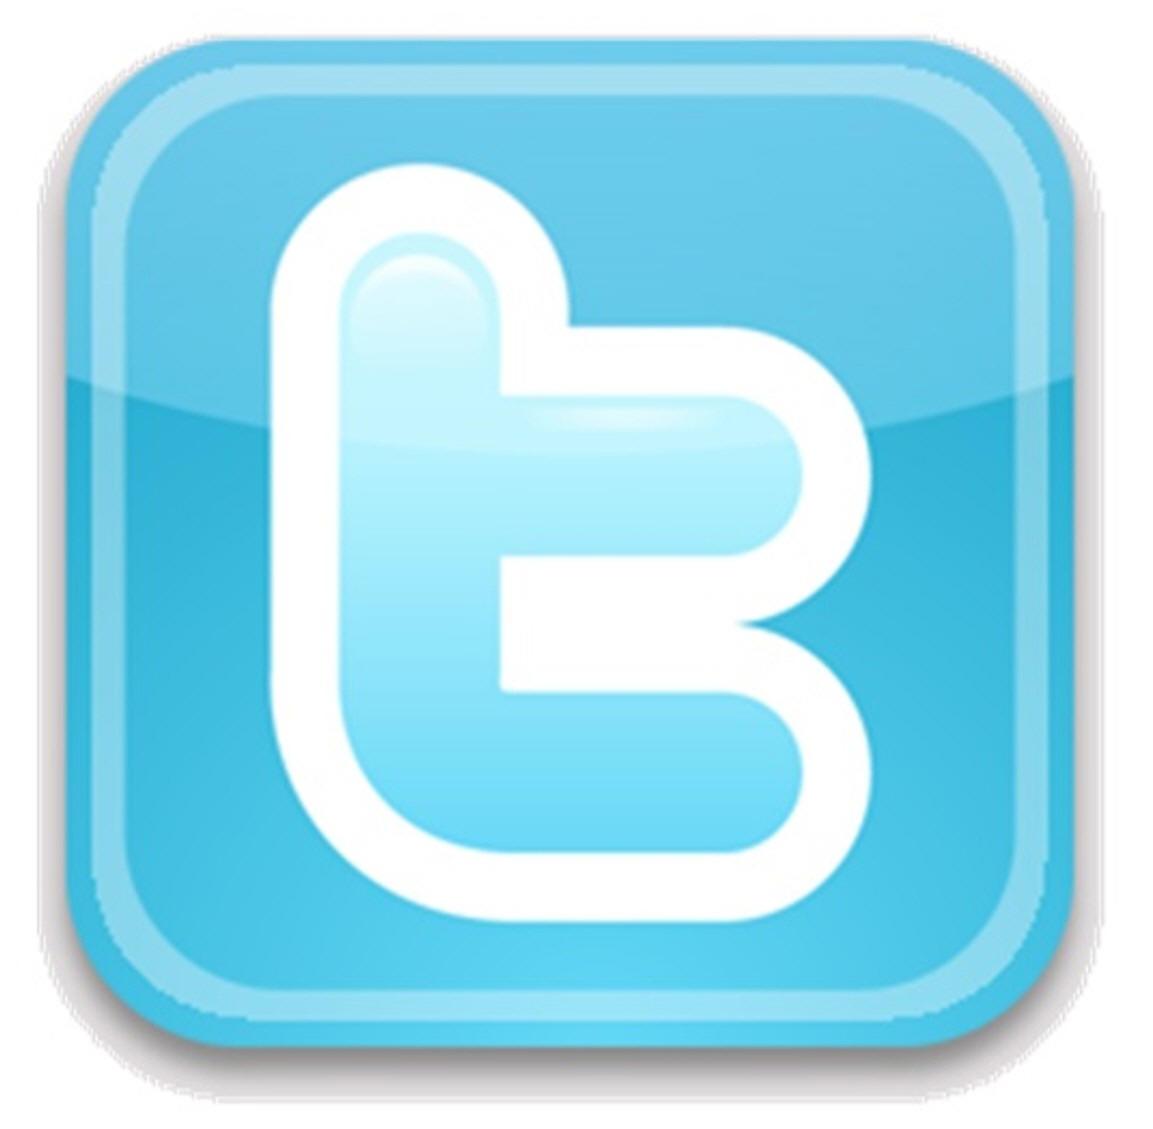 twitter-logo-1.jpg